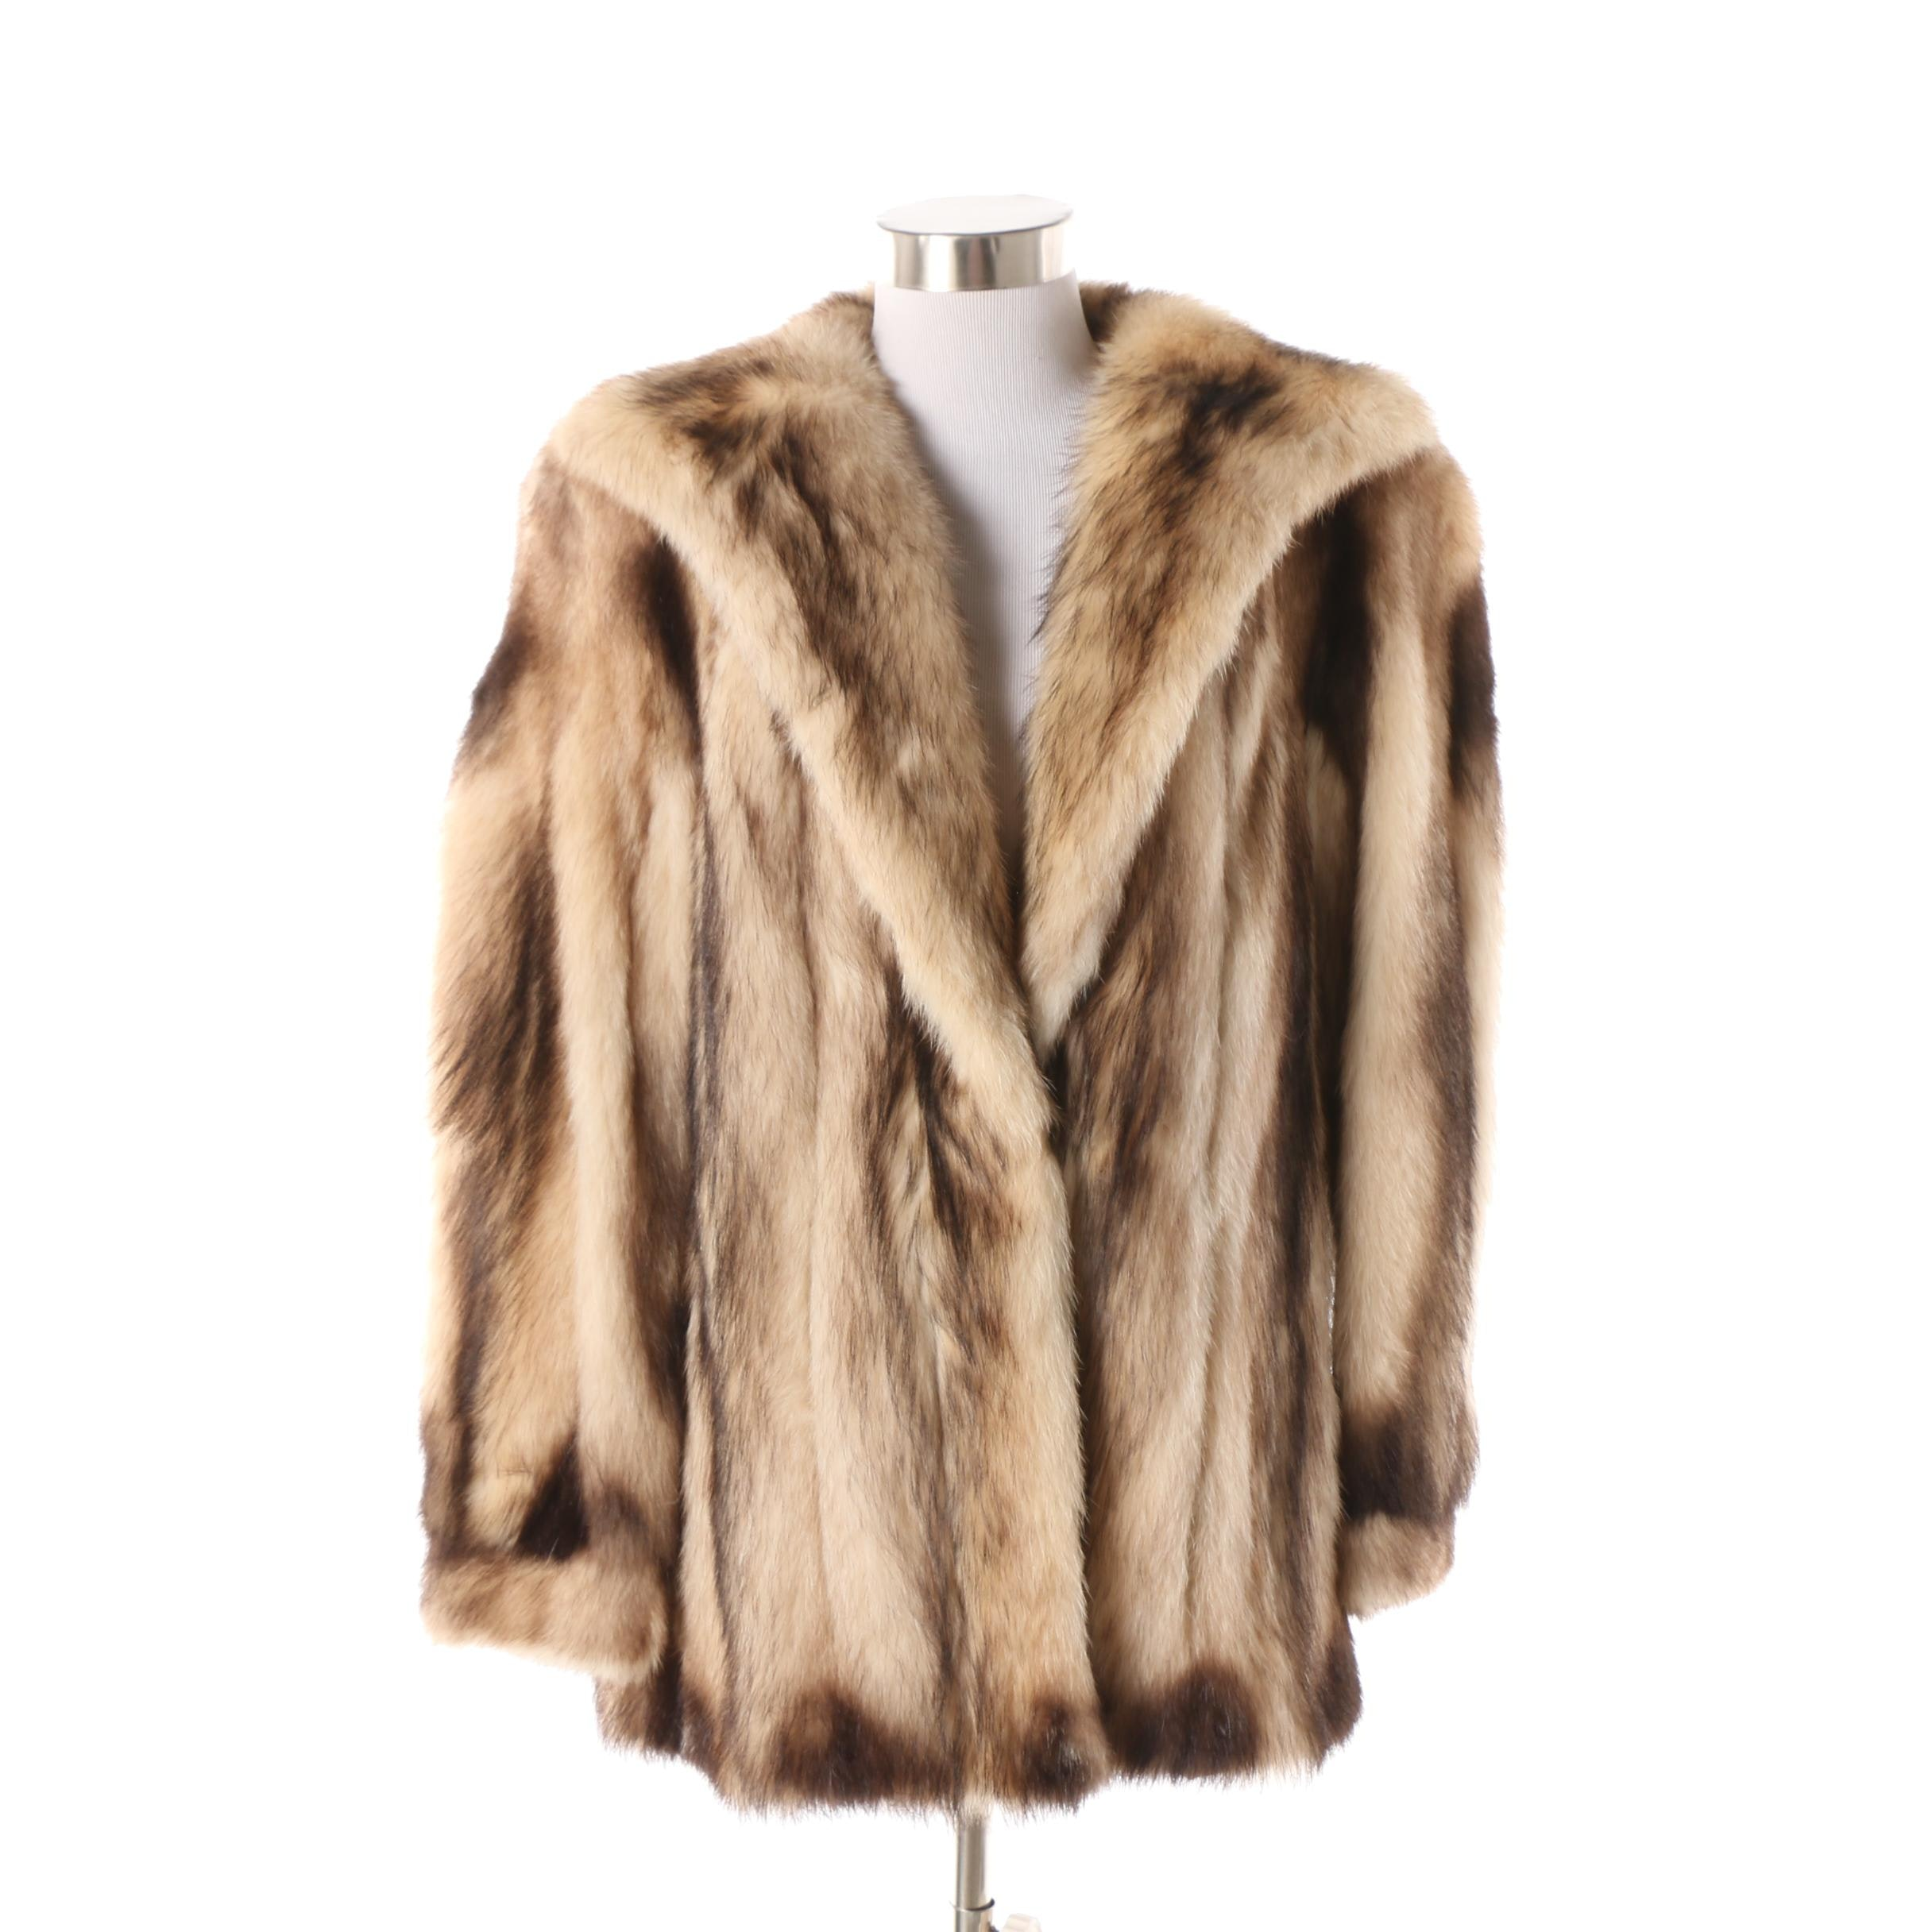 Women's 1970s Vintage Fitch Fur Coat